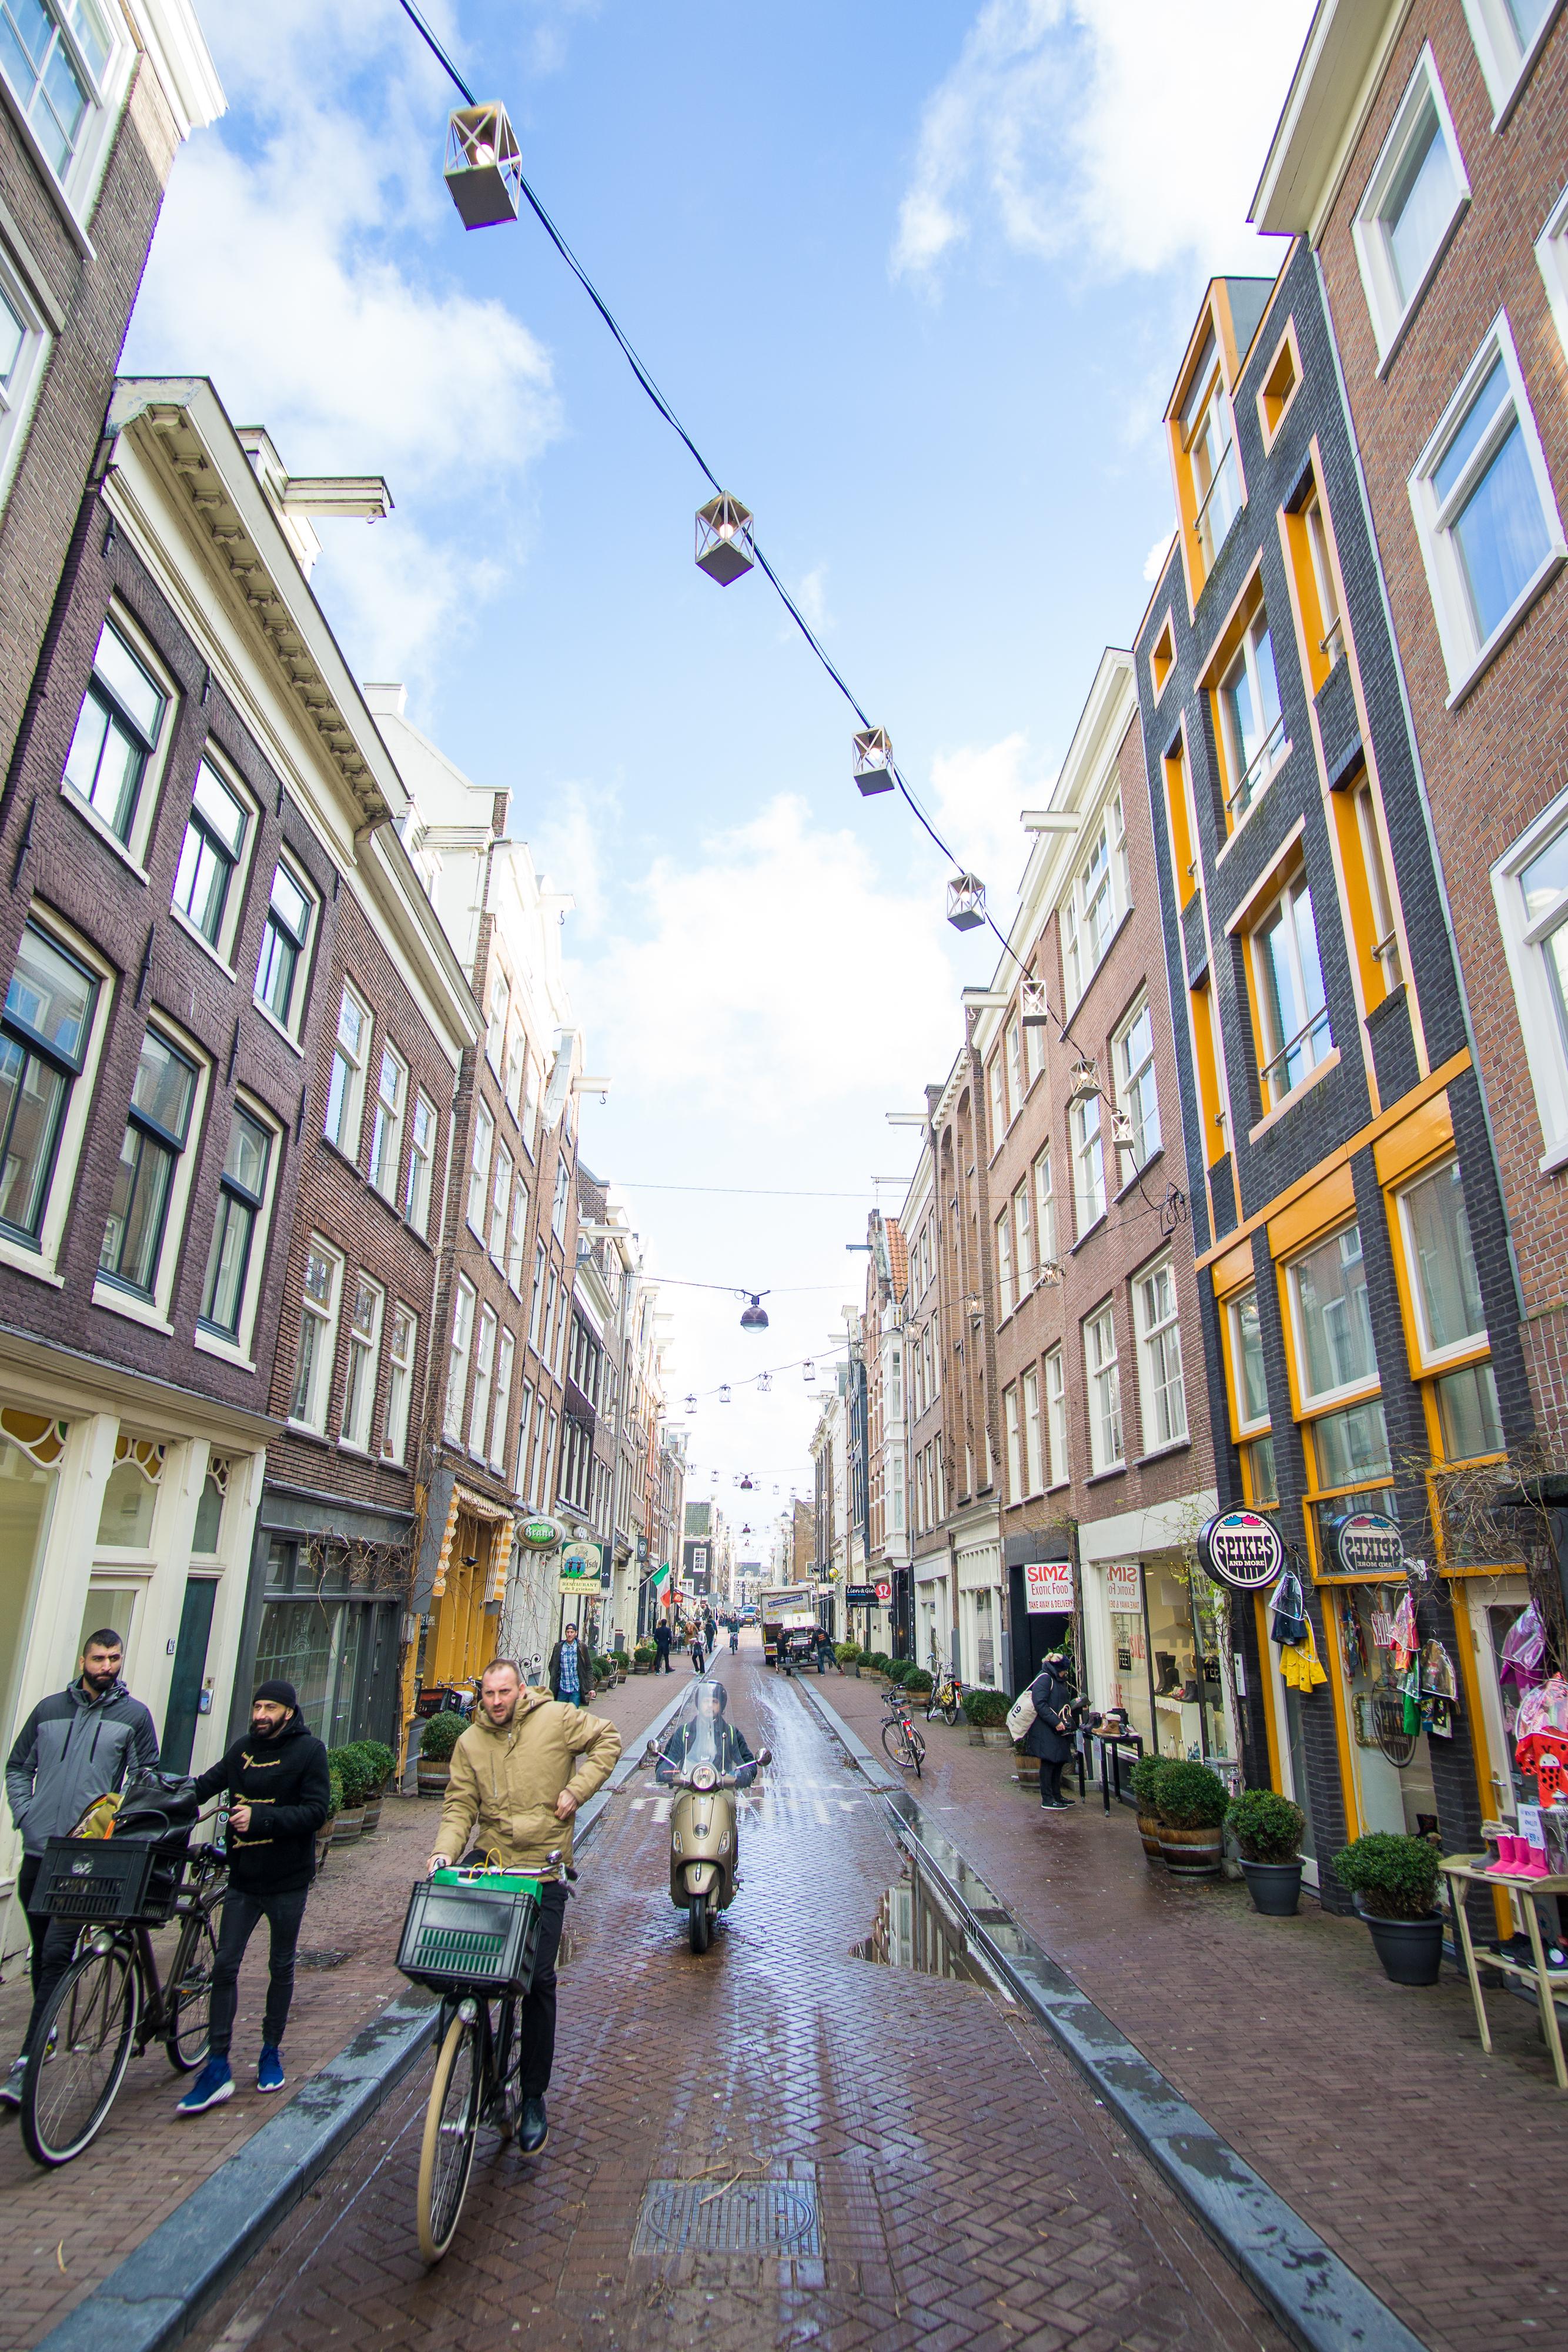 Better Travel - Bikes in Amsterdam